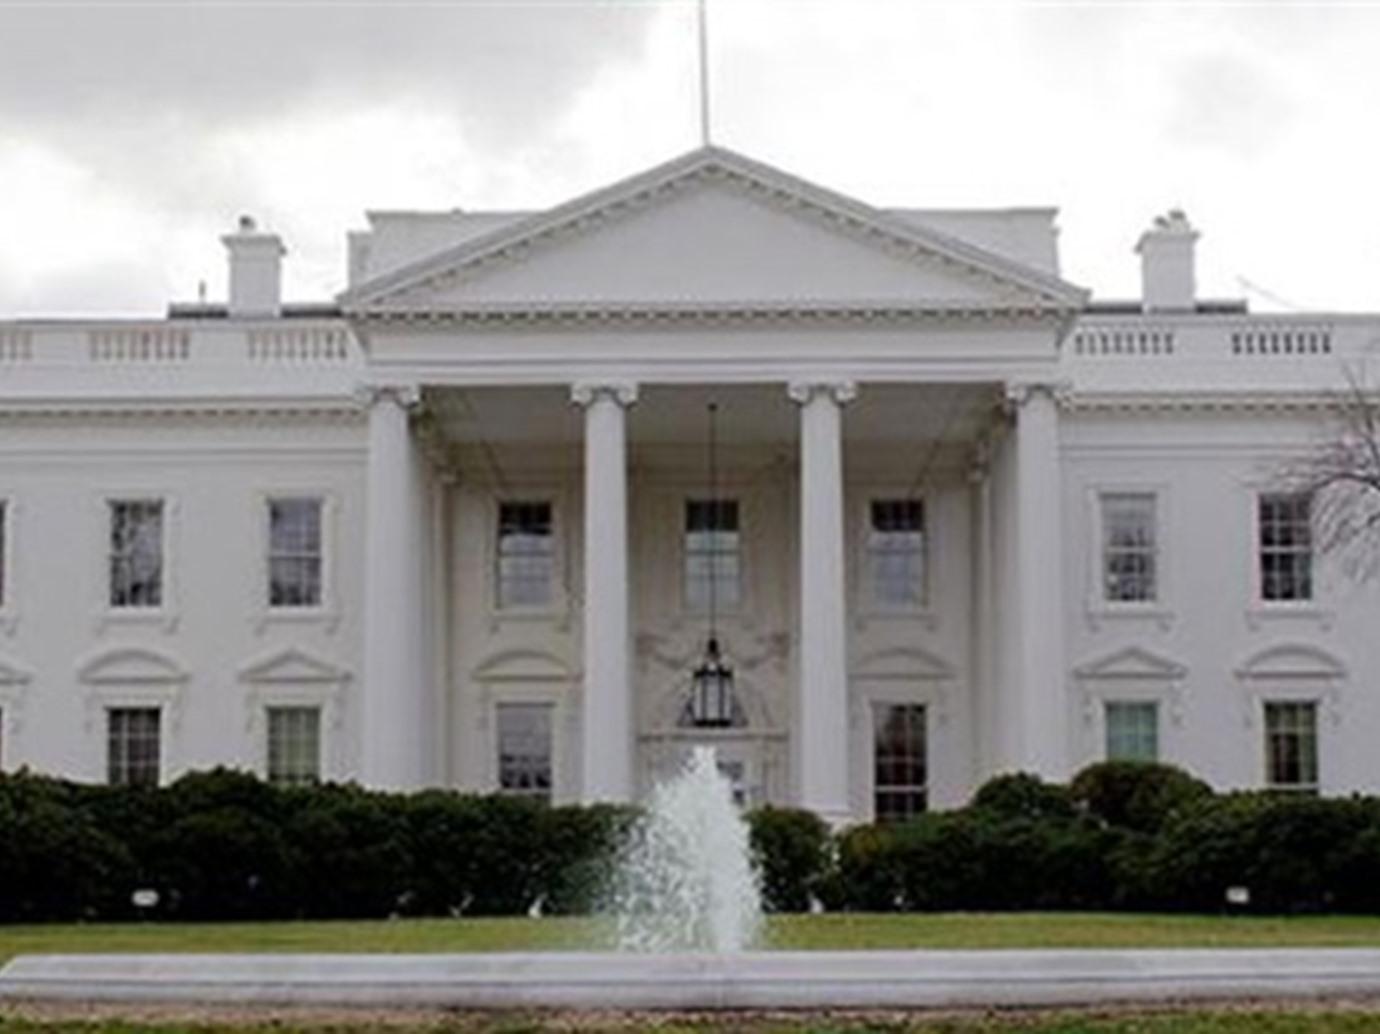 «واشنطن إيكسامنر»: البيت الأبيض مطالب بوقف دعم الإمارات والسعودية في اليمن لتجاهلهما نصائحه